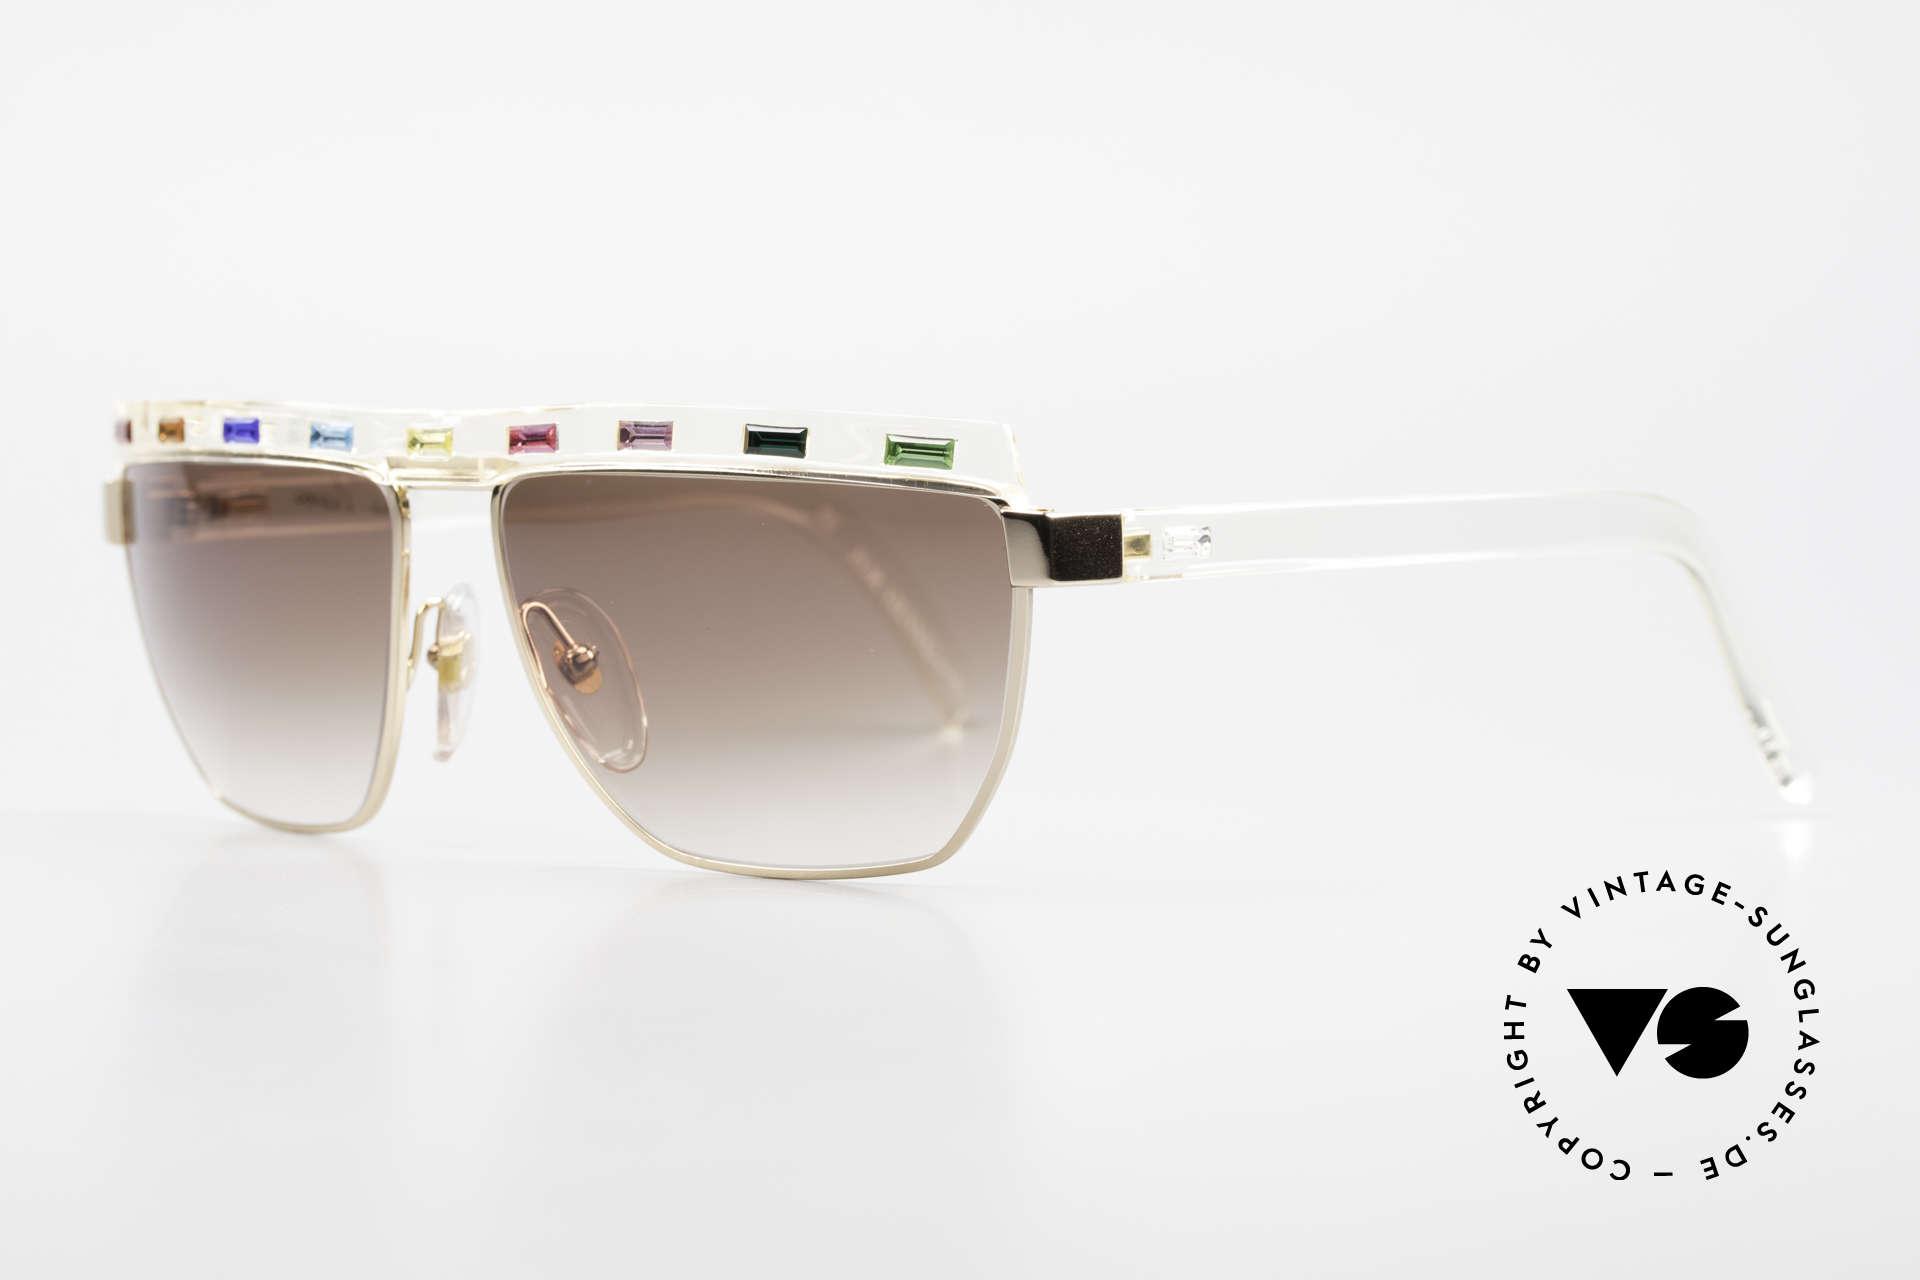 Paloma Picasso 3706 Farben Sämtlicher Edelsteine, sie entwarf 1990 diese großartige Brillenkollektion, Passend für Damen